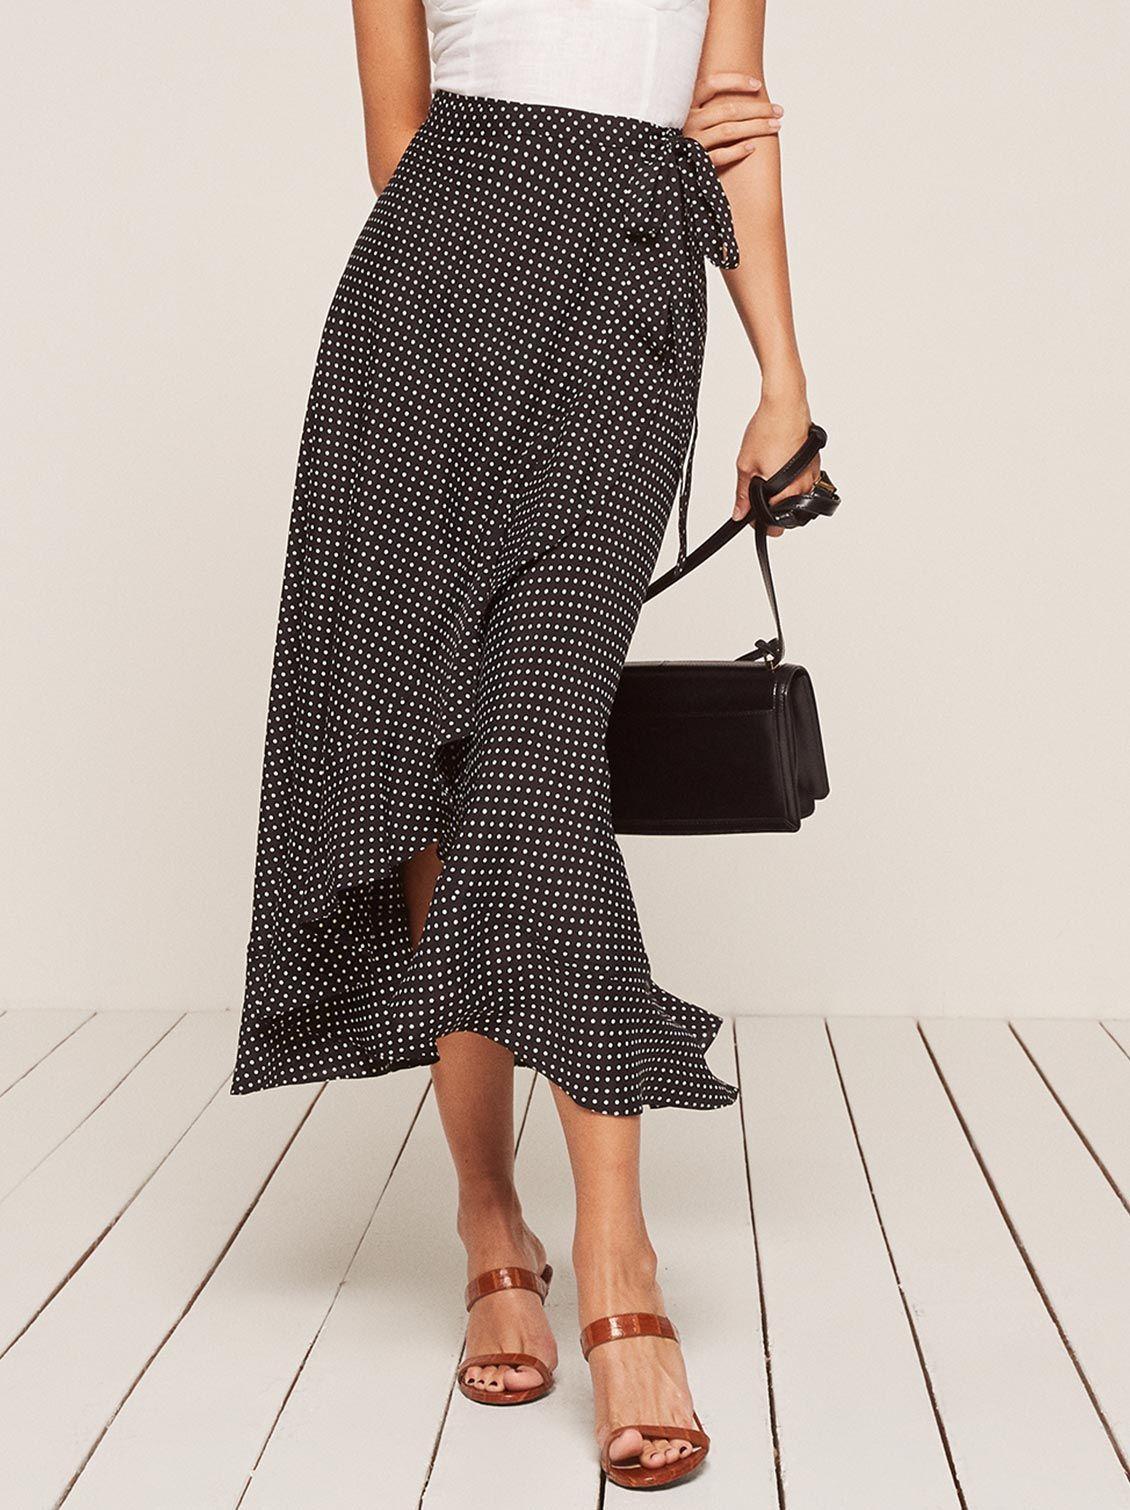 4d8df9d318 ✧pinterest ; @tayylorboone✧ Style Feminin, Black Midi Skirt, Black Ruffle  Skirt